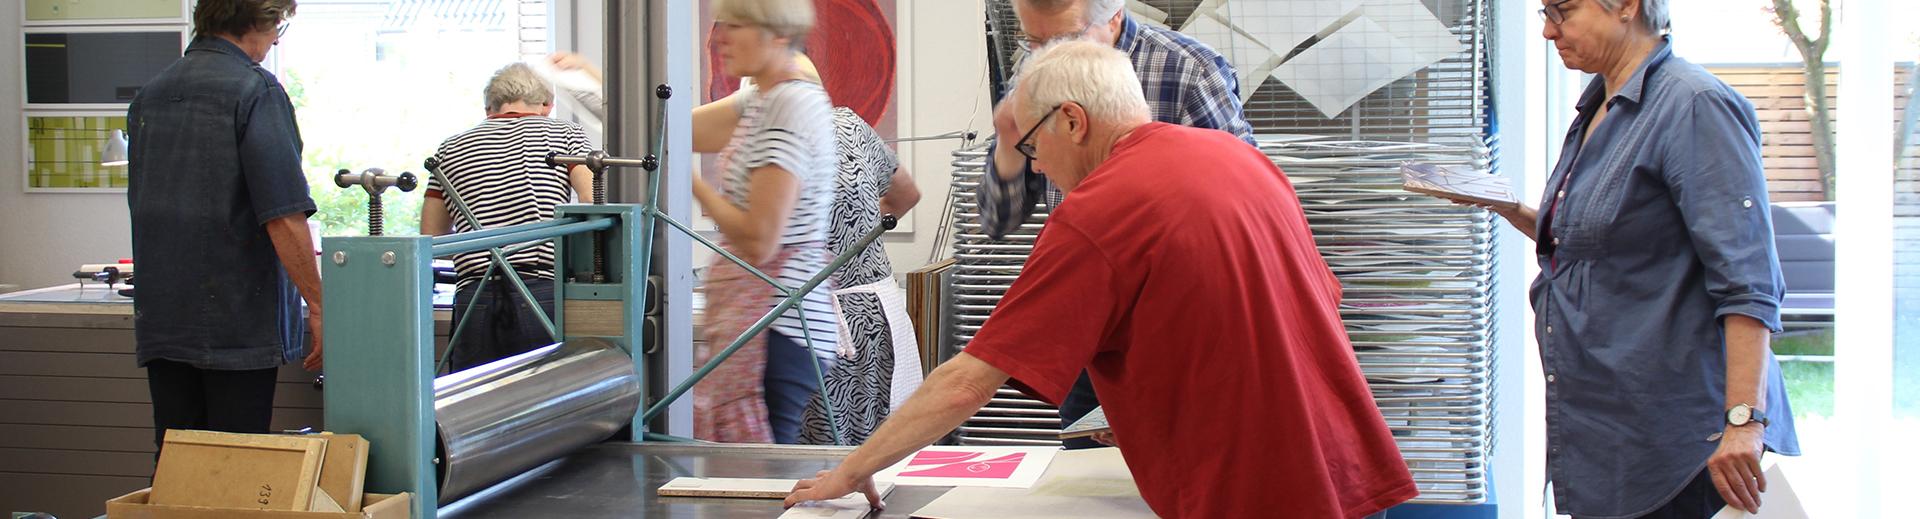 Workshops | Atelier Sauer Ibbenbüren | Kursteilnehmer in Aktion